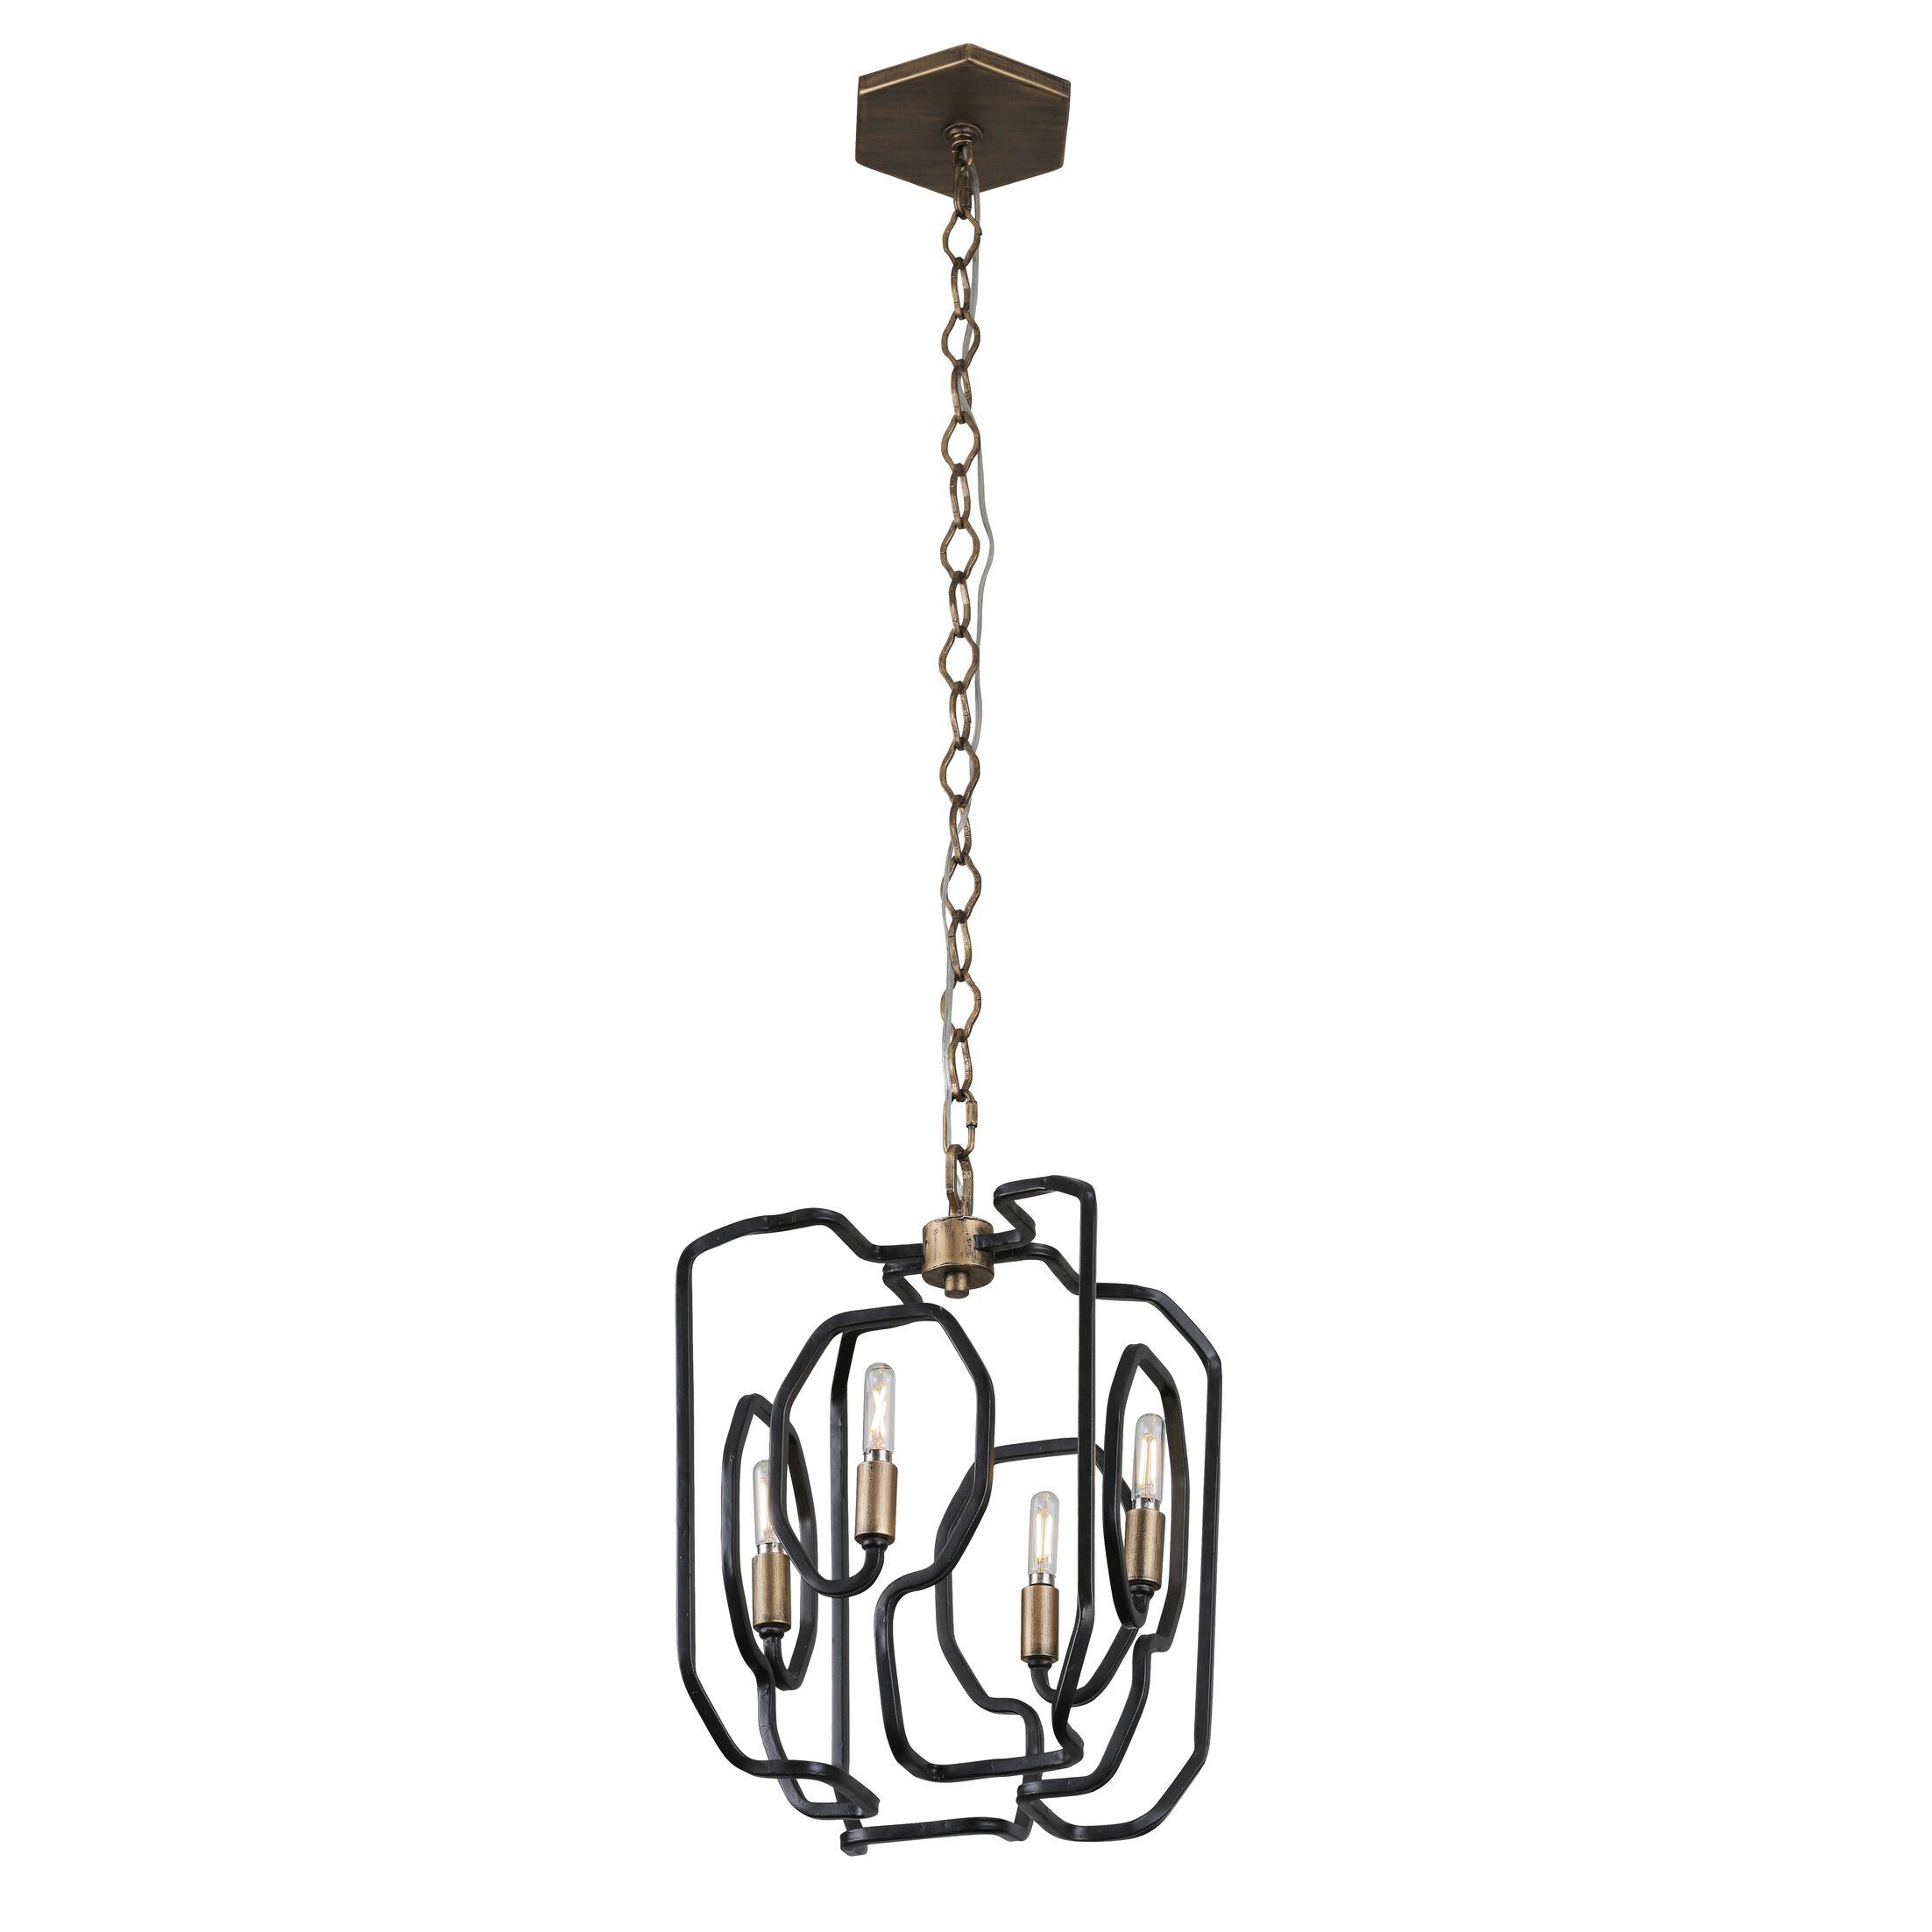 4-Light Novelty Pendant